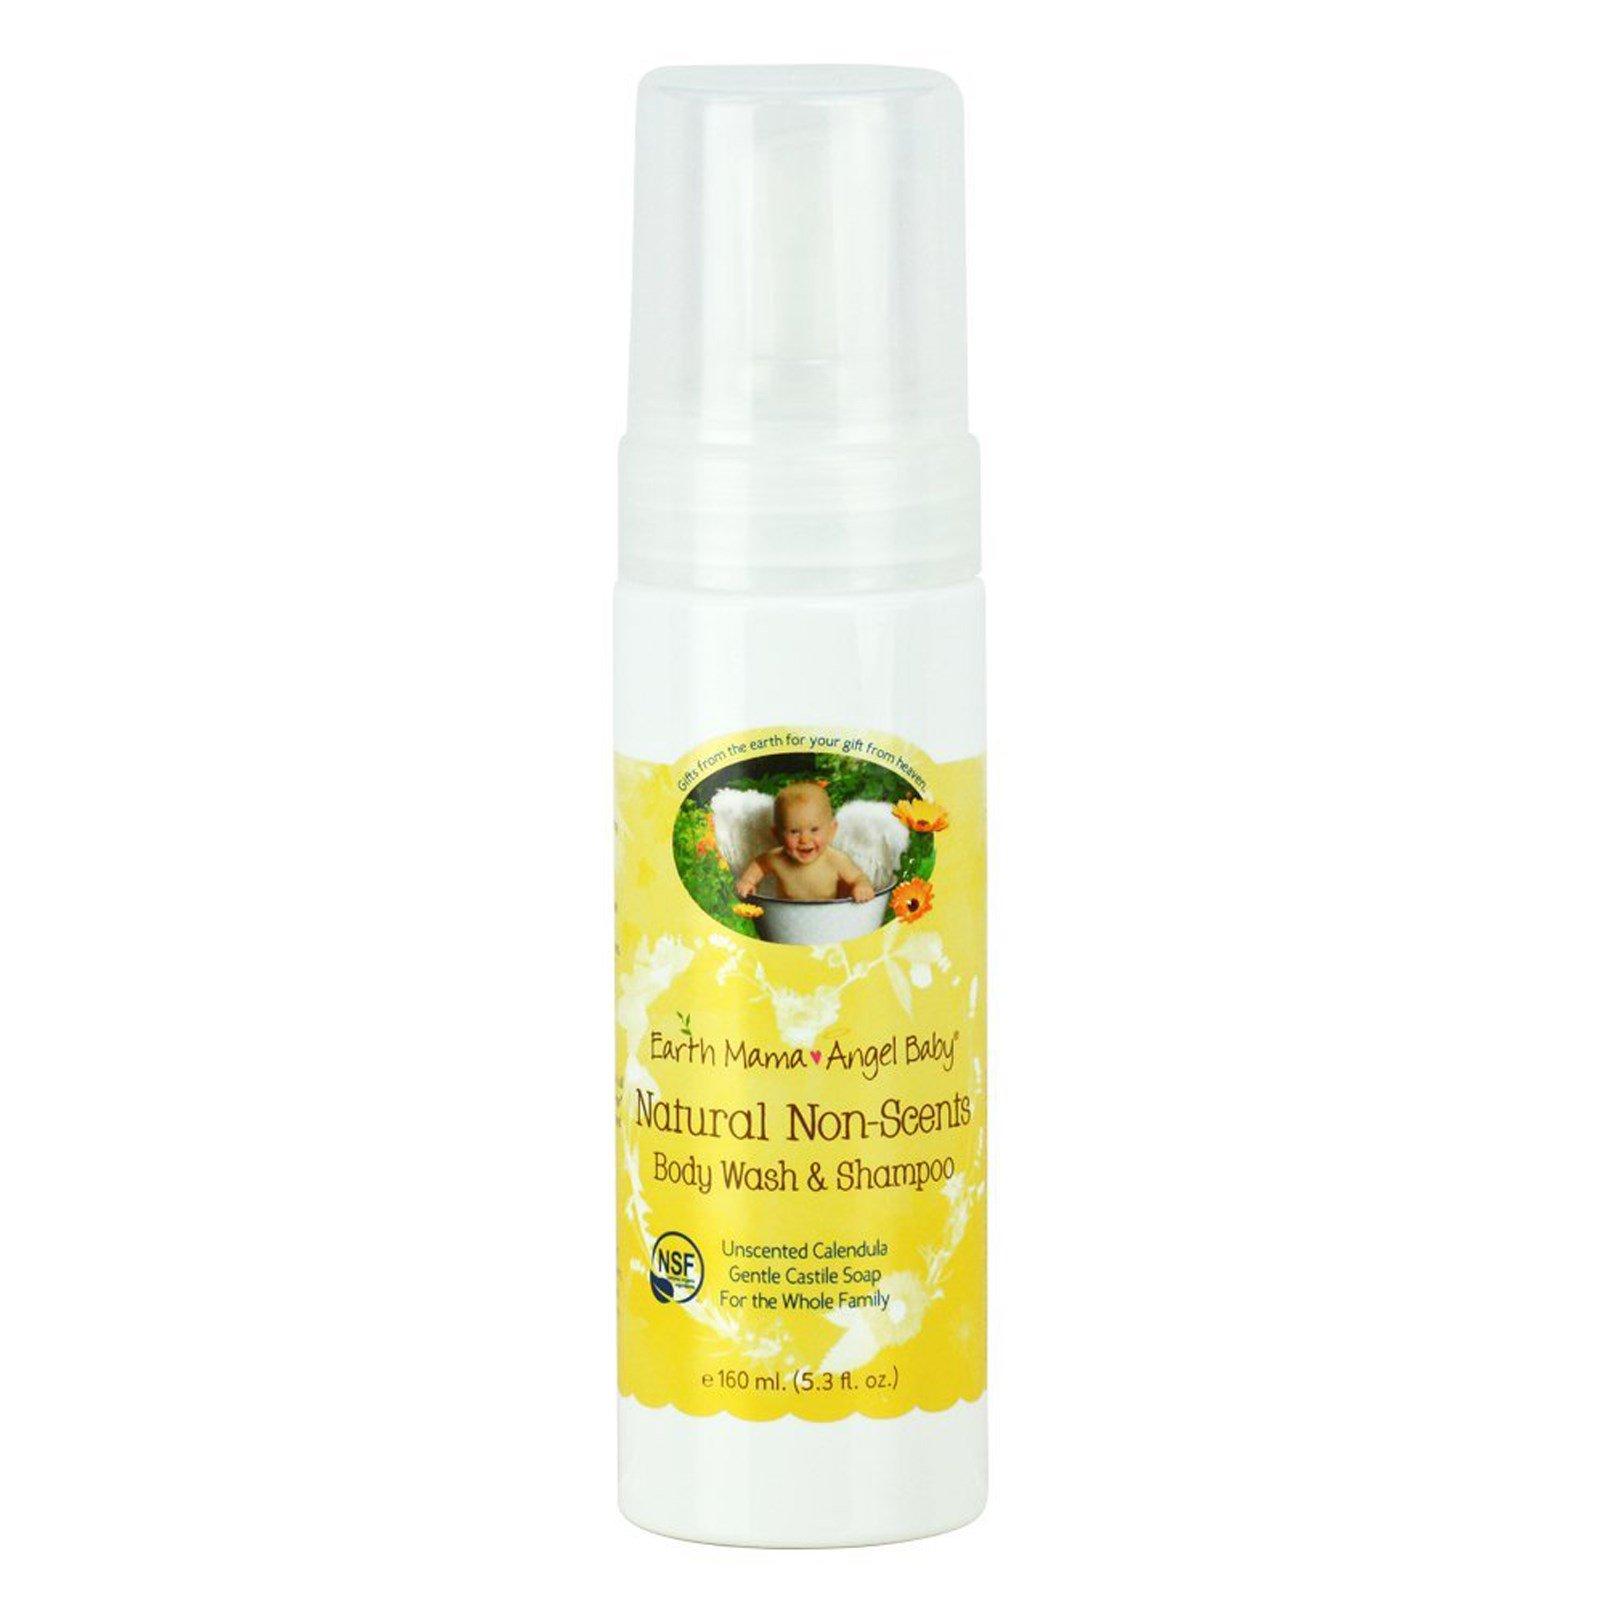 Earth Mama Angel Baby, Натуральный шампунь и гель для душа без запаха, календула без запаха, 5.3 жидких унции (160 мл)